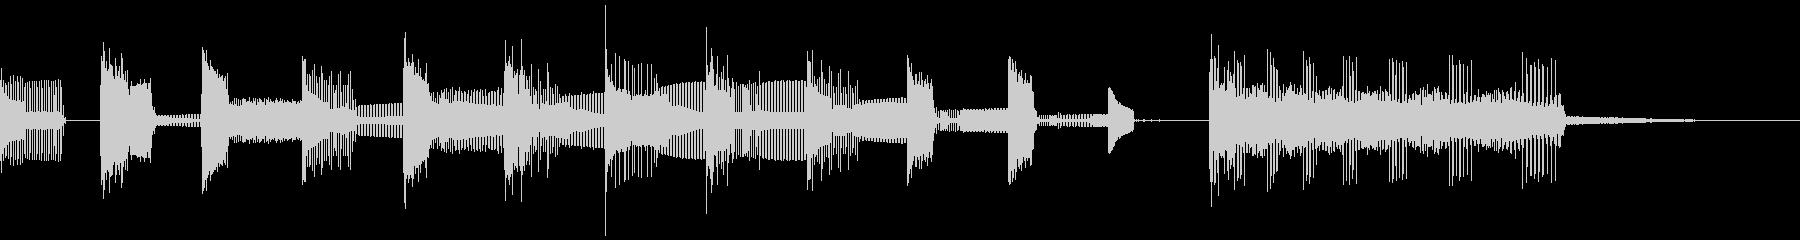 レトロゲーム風ジングル、サウンドロゴの未再生の波形